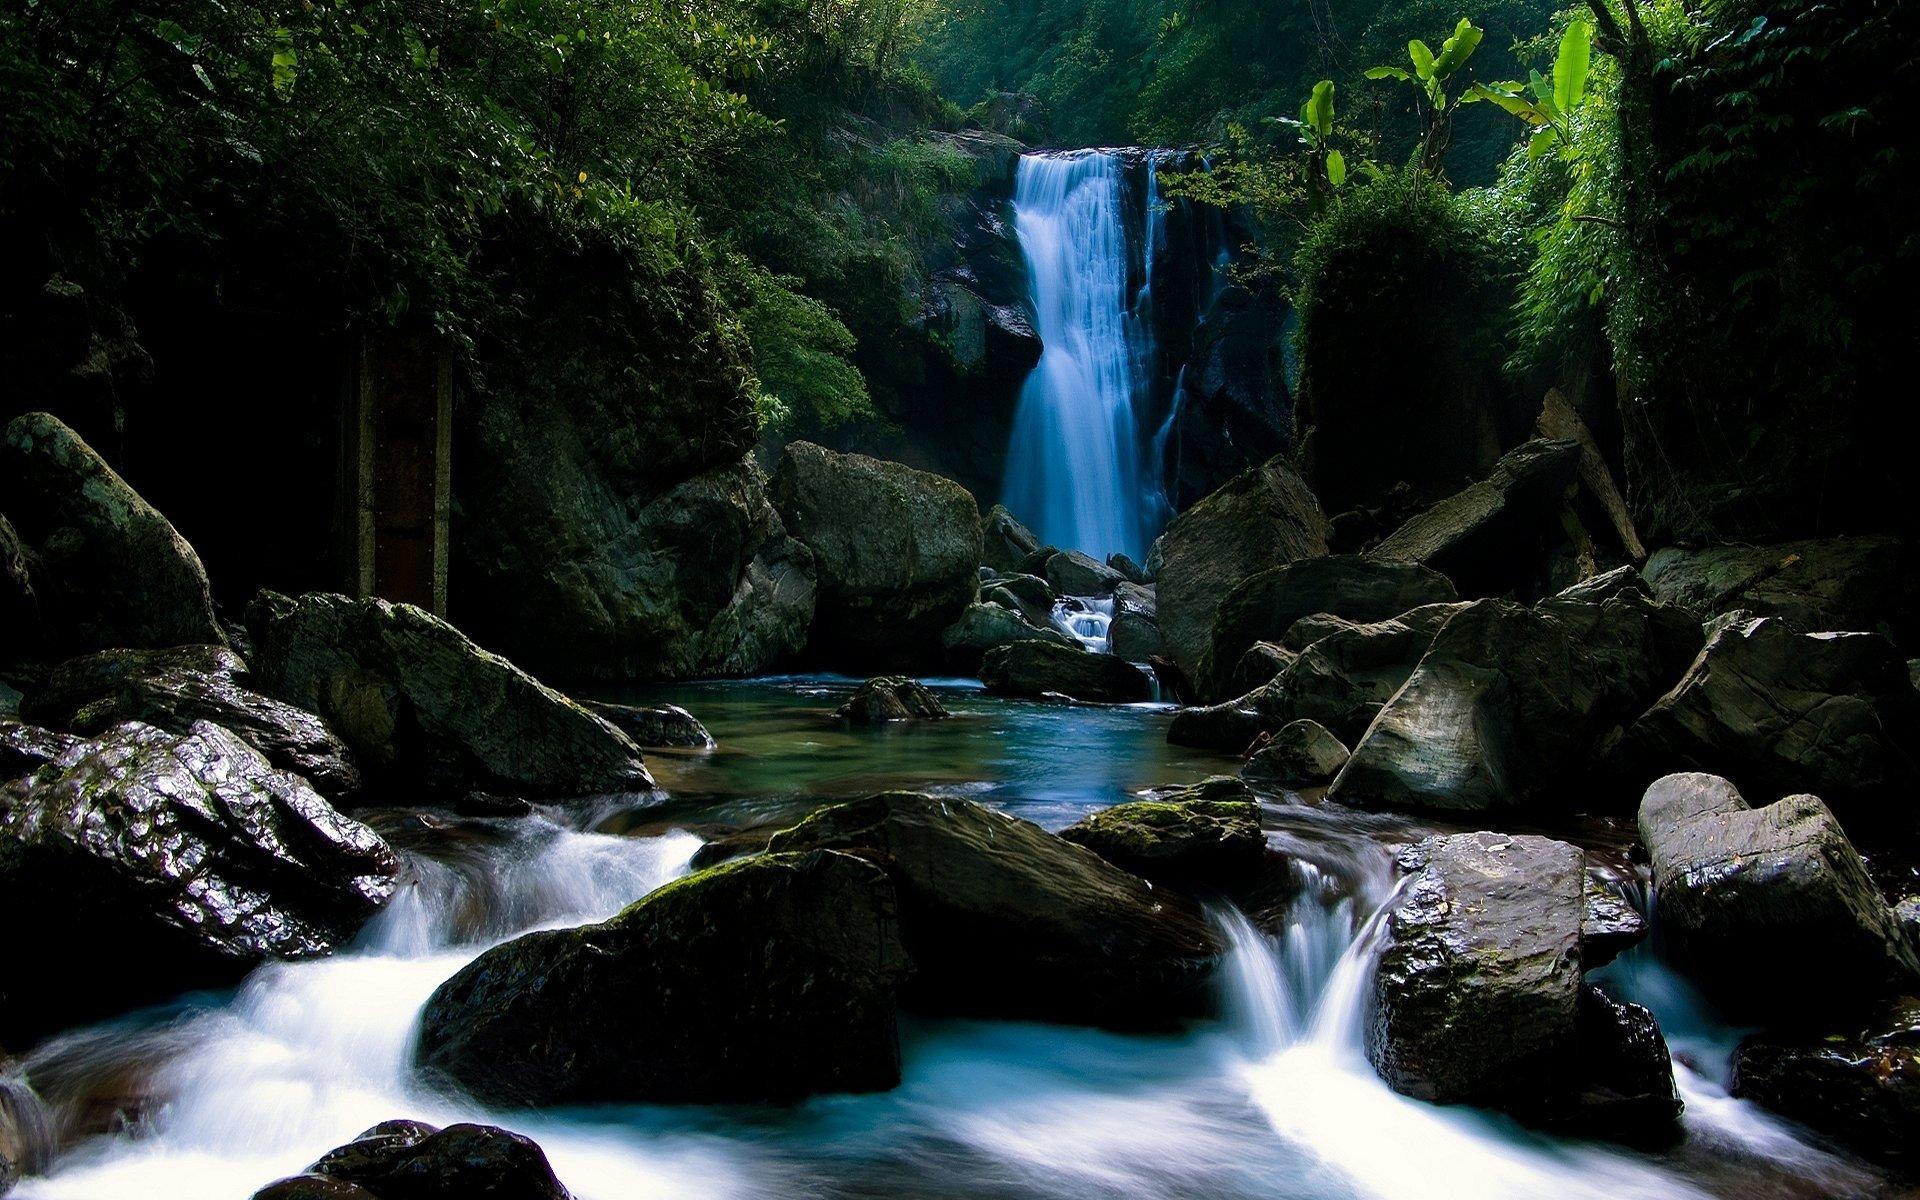 Tierra/Naturaleza - Cascada  Naturaleza Rock Chorro Agua Fondo de Pantalla